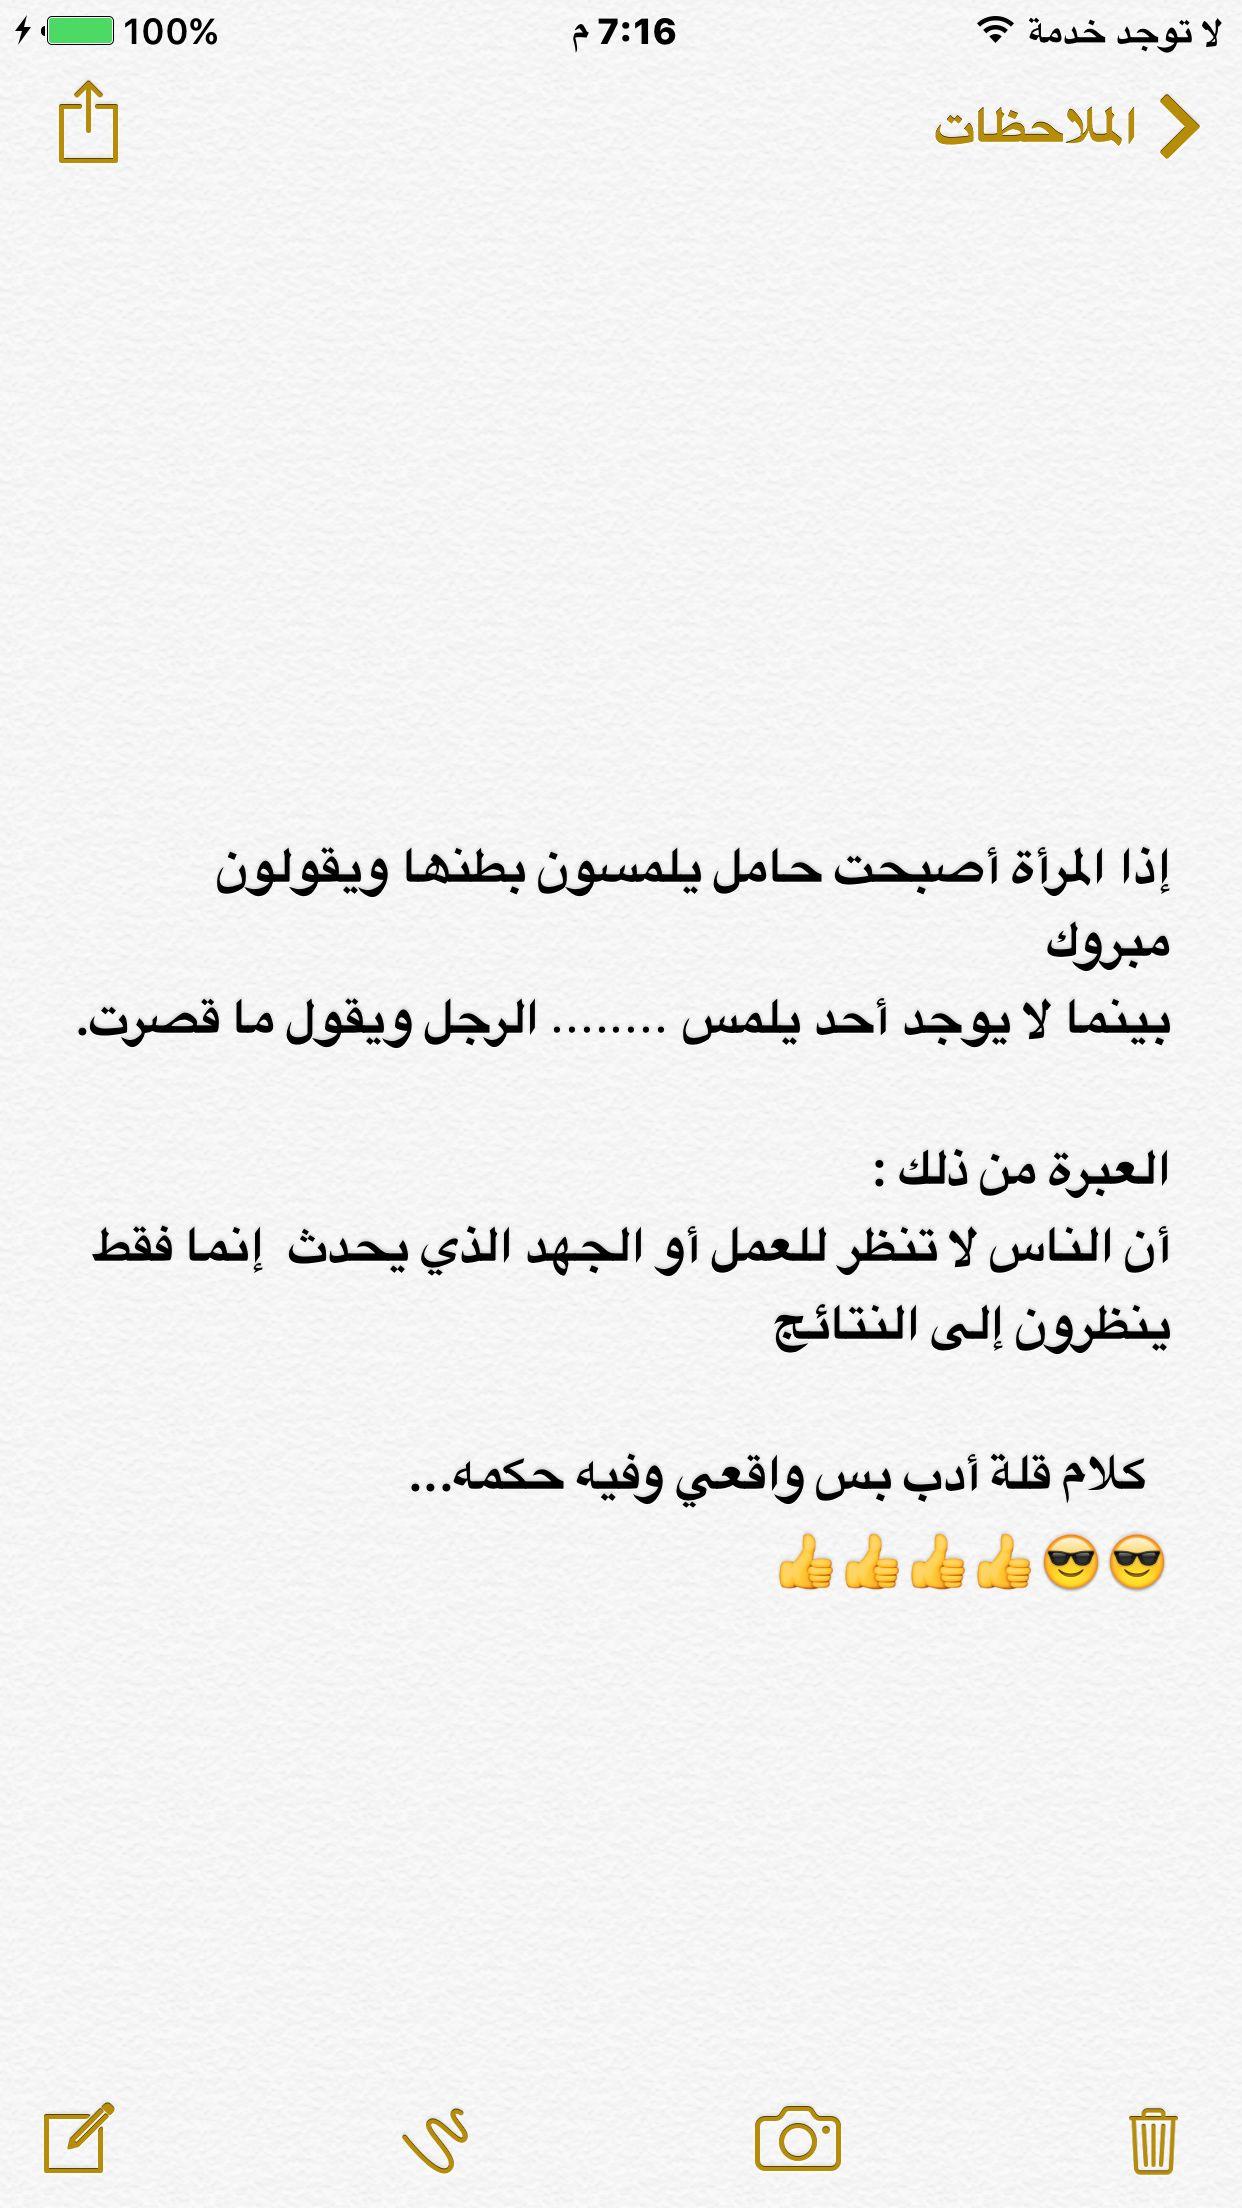 كلام قلة ادب بس واقعي وفيه حكمة Funny Science Jokes Funny Comments Arabic Funny